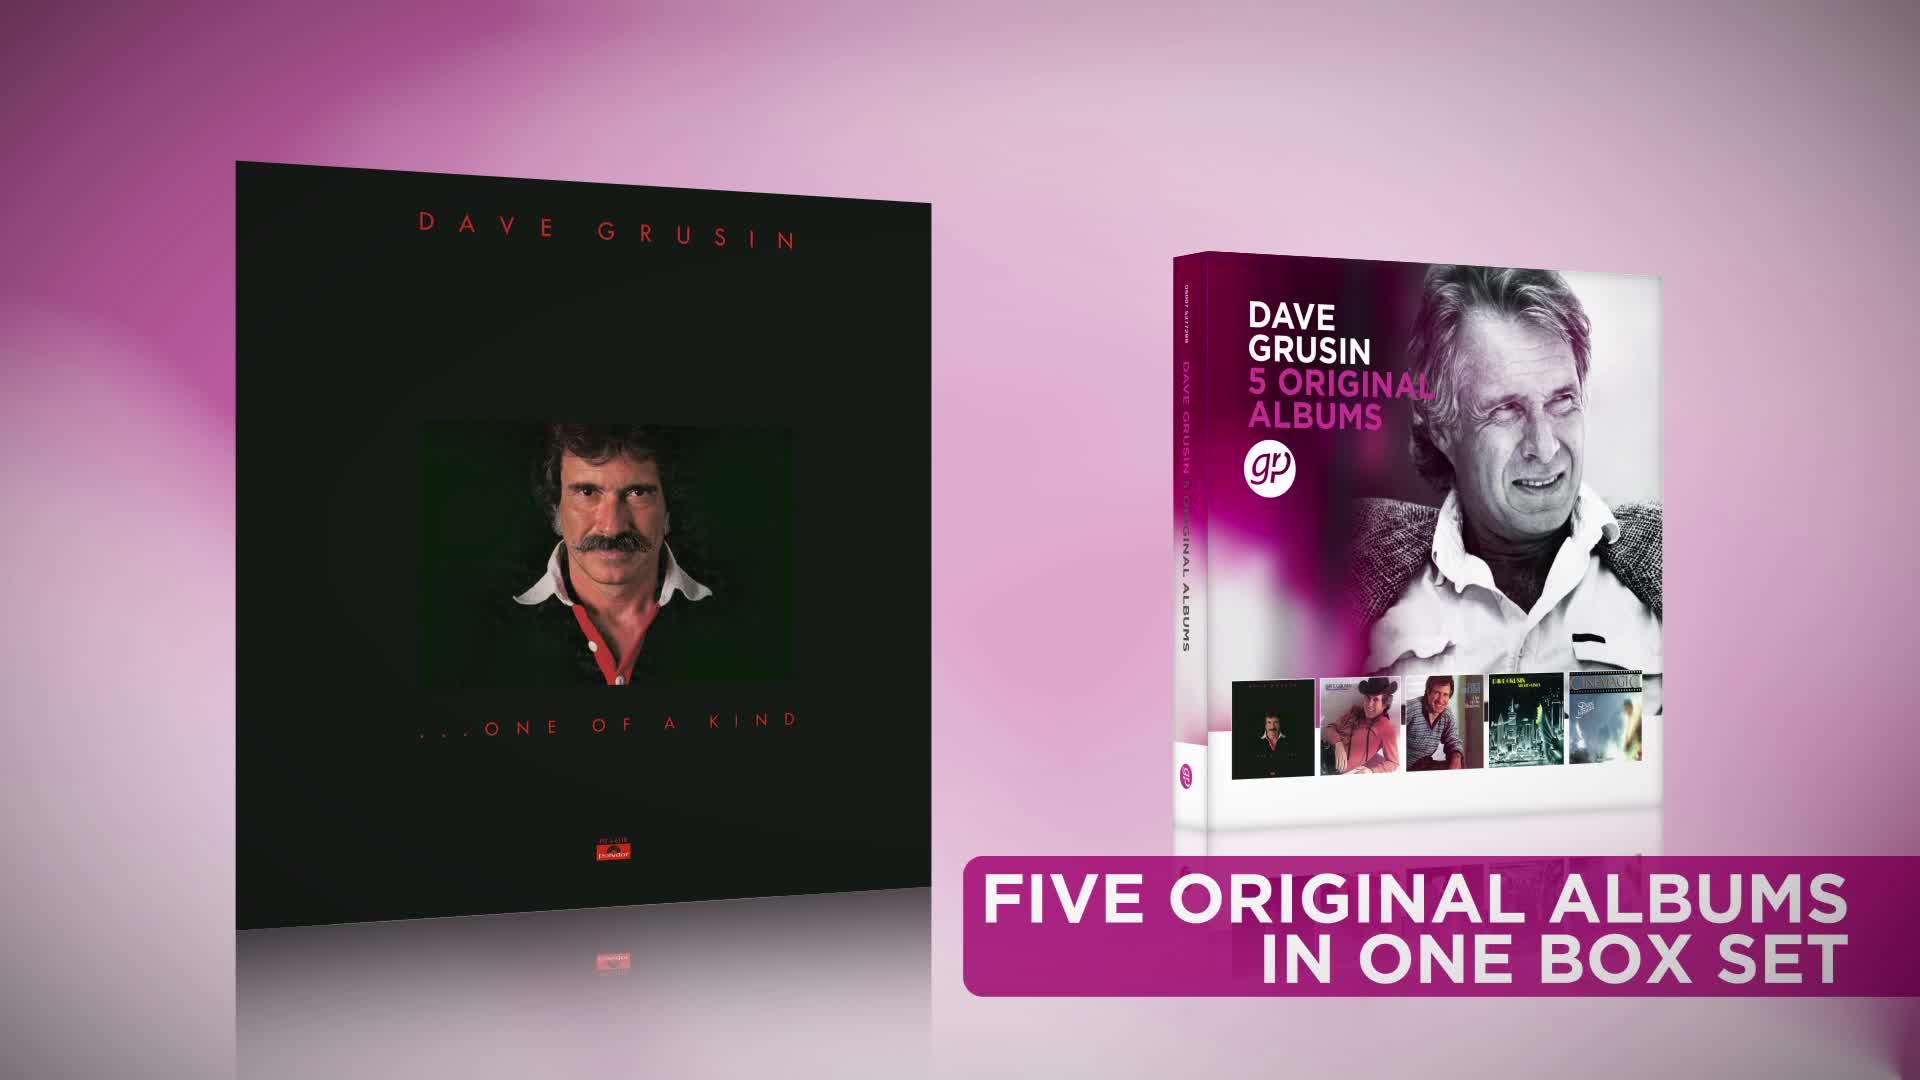 5 Original Albums, Dave Grusin - 5 Original Albums